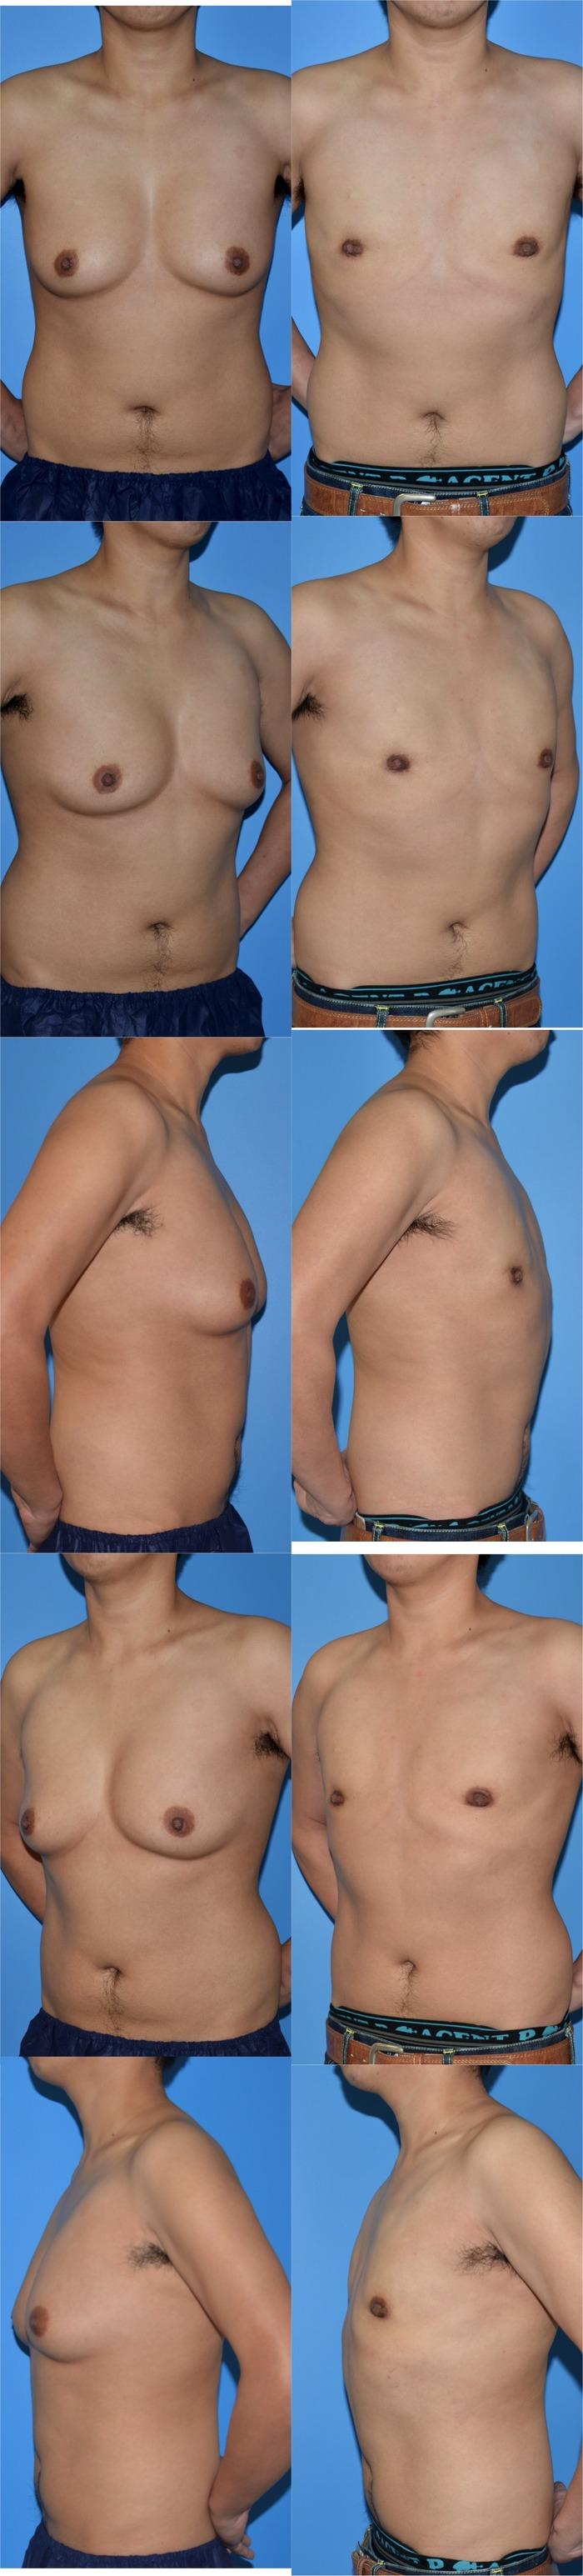 乳腺切除oe 術後3ヶ月